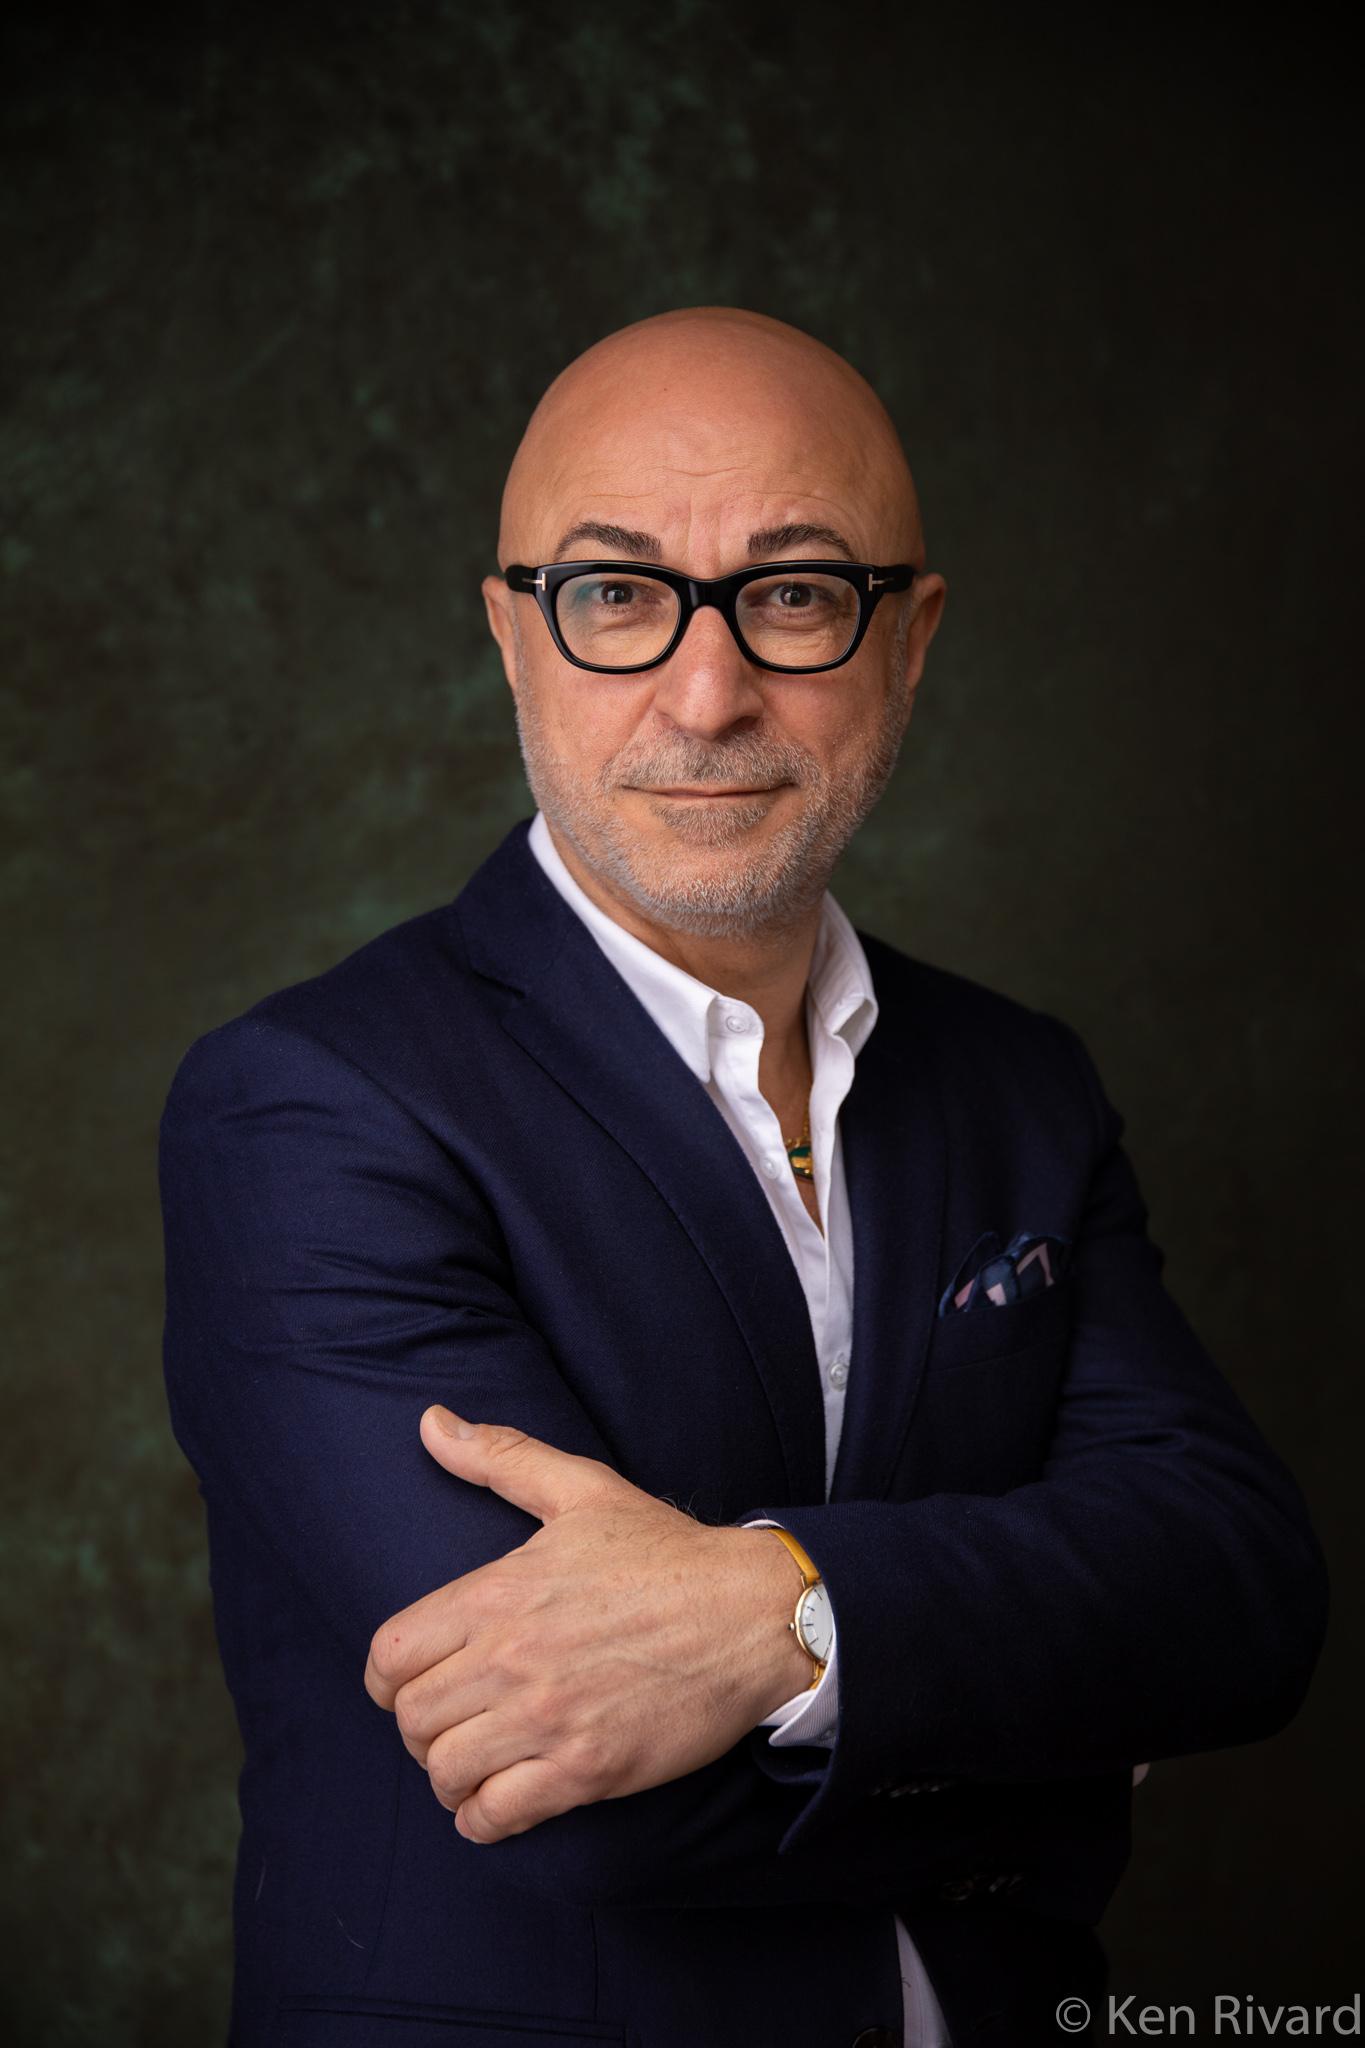 Reza Mahdavi